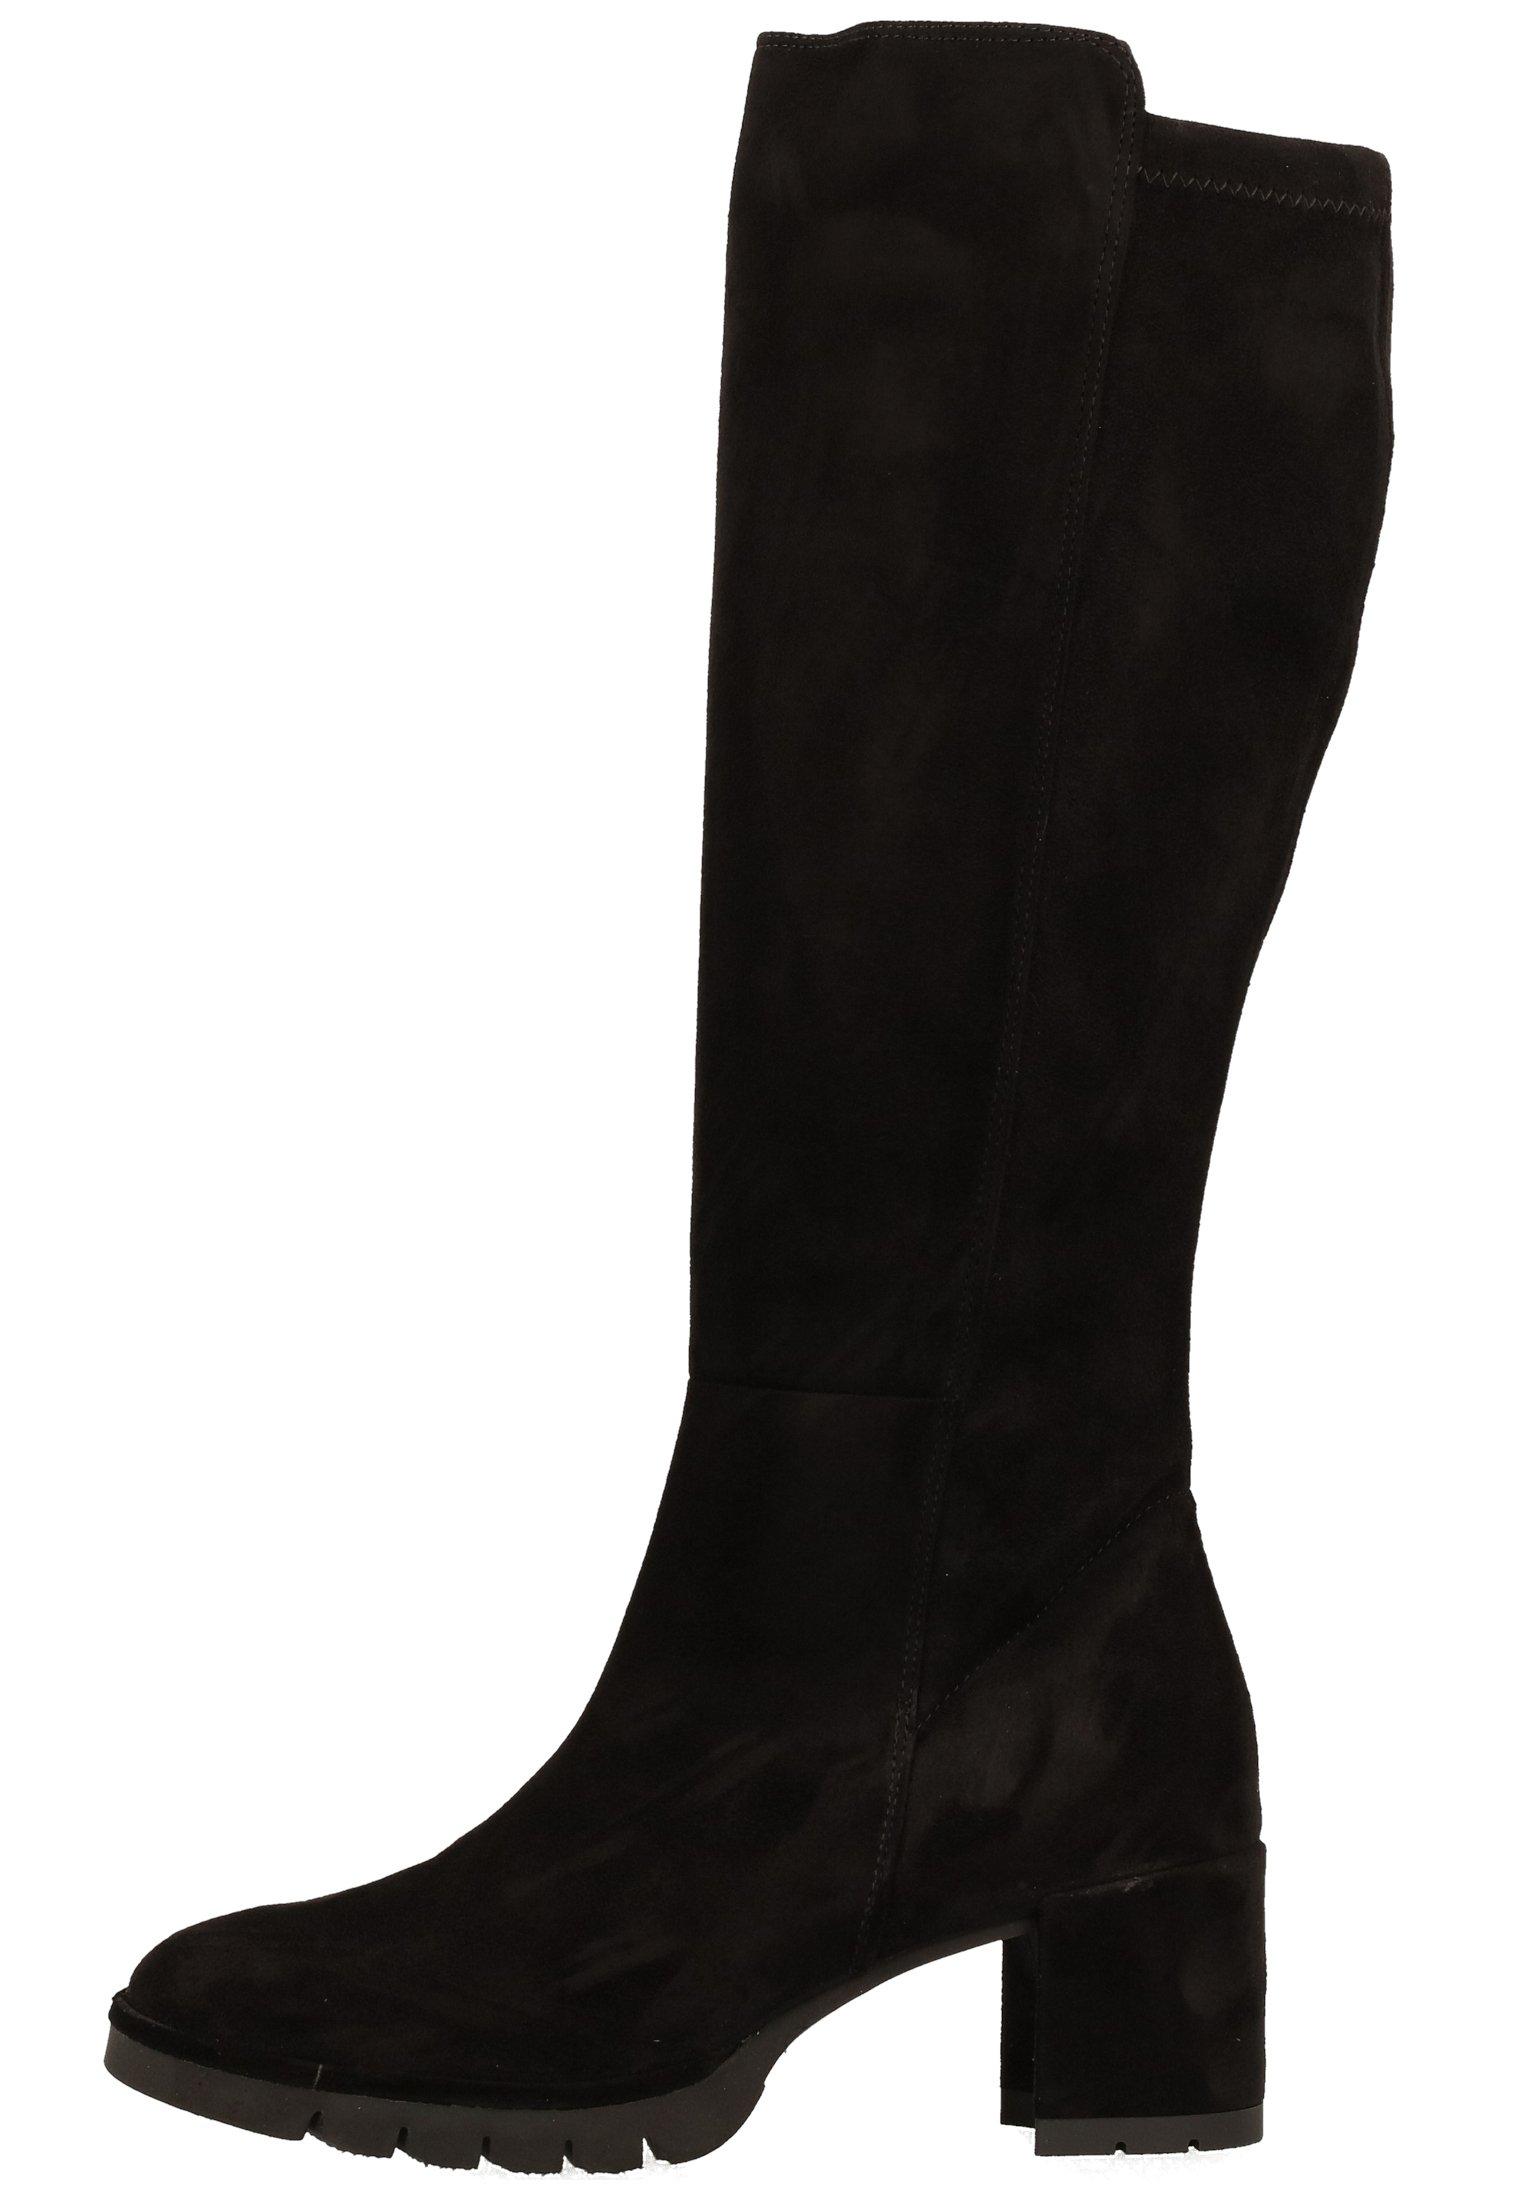 Paul Green Laarzen met hak zwart zilver Leer